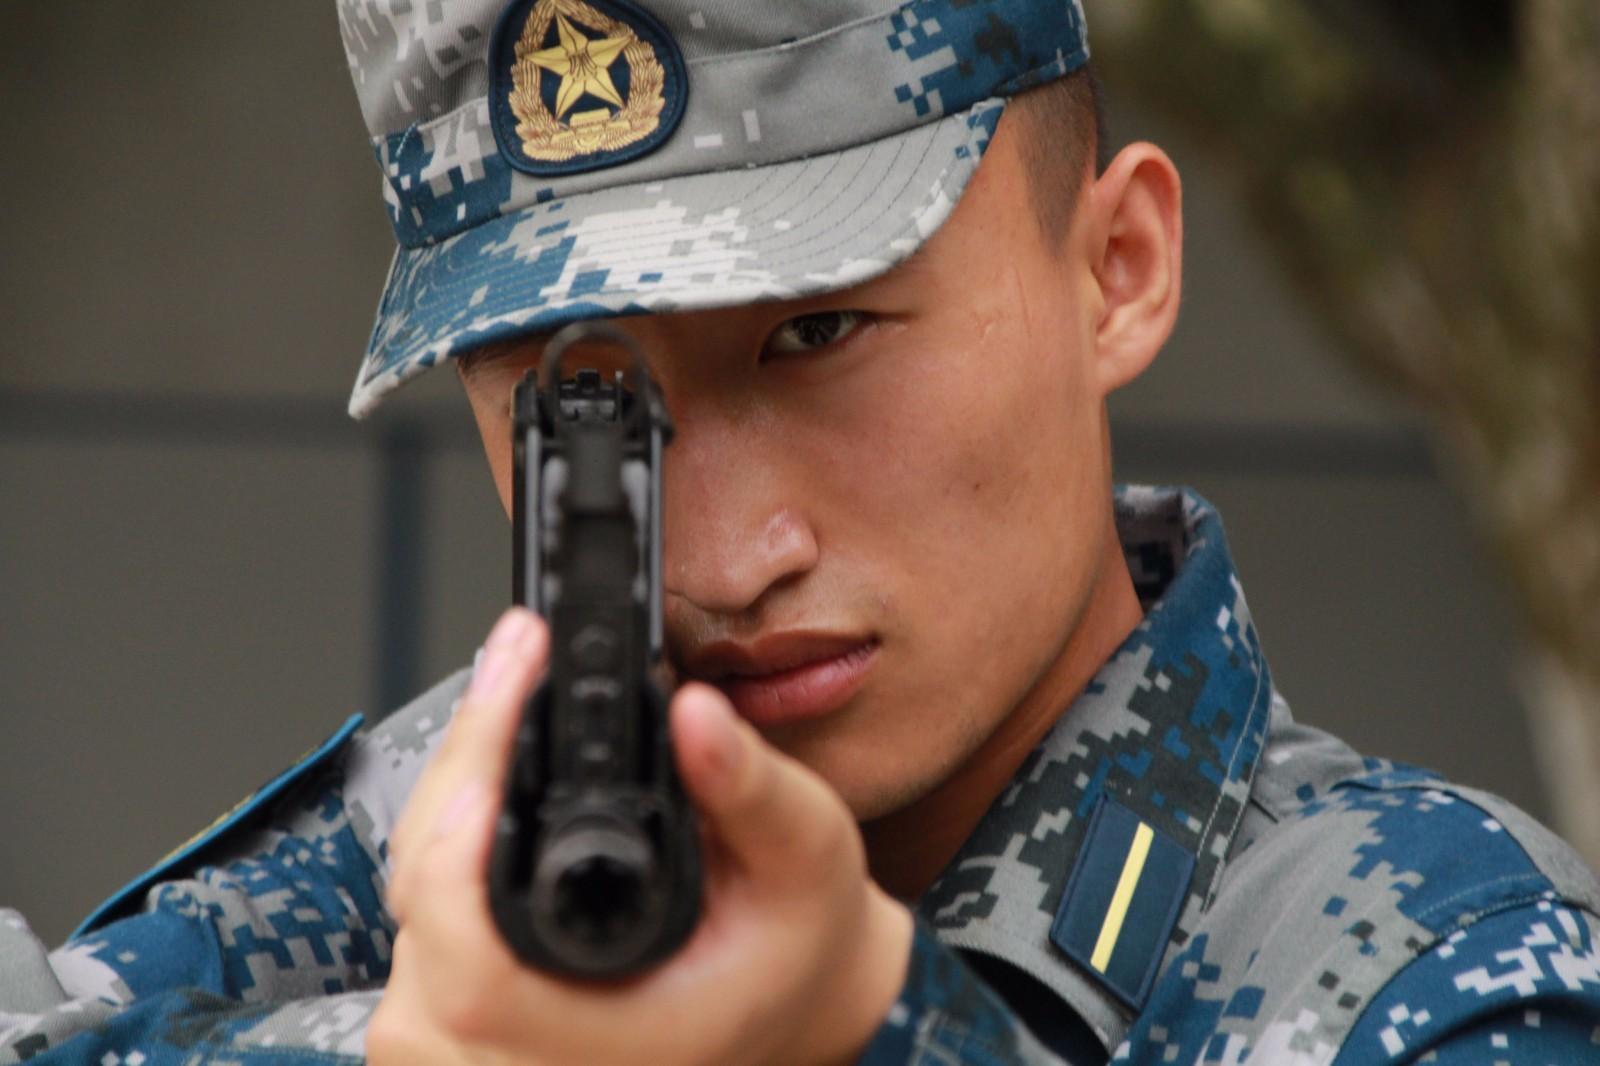 枪图片霸气_集训 | 论Emoji,我就服国防生的!